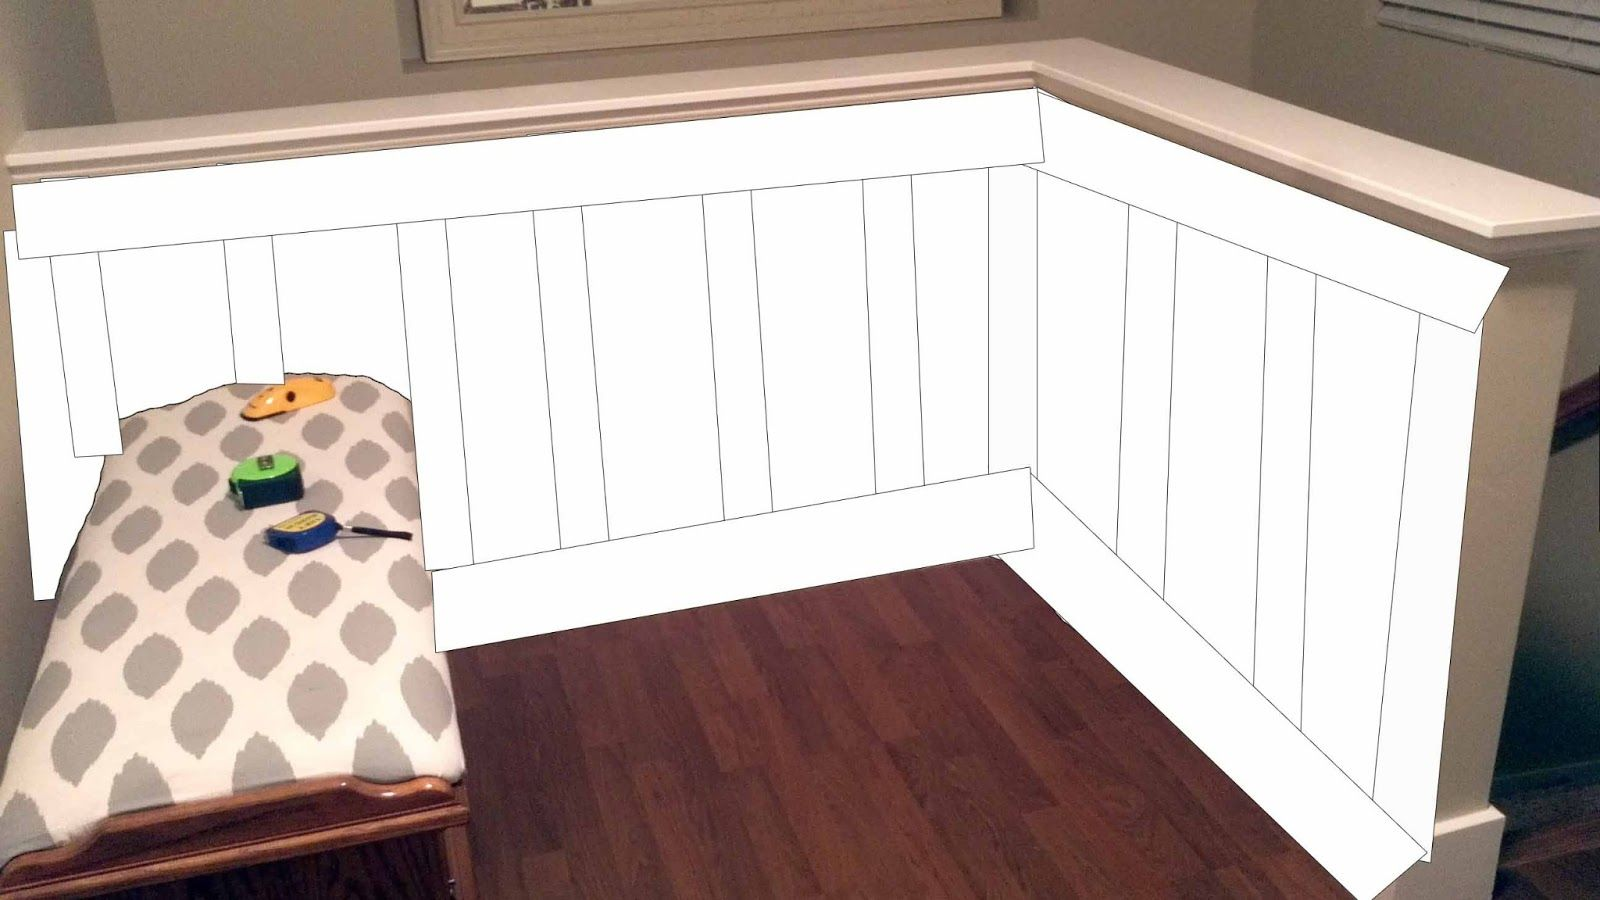 foyer+board+and+batten.jpg (1600×900)